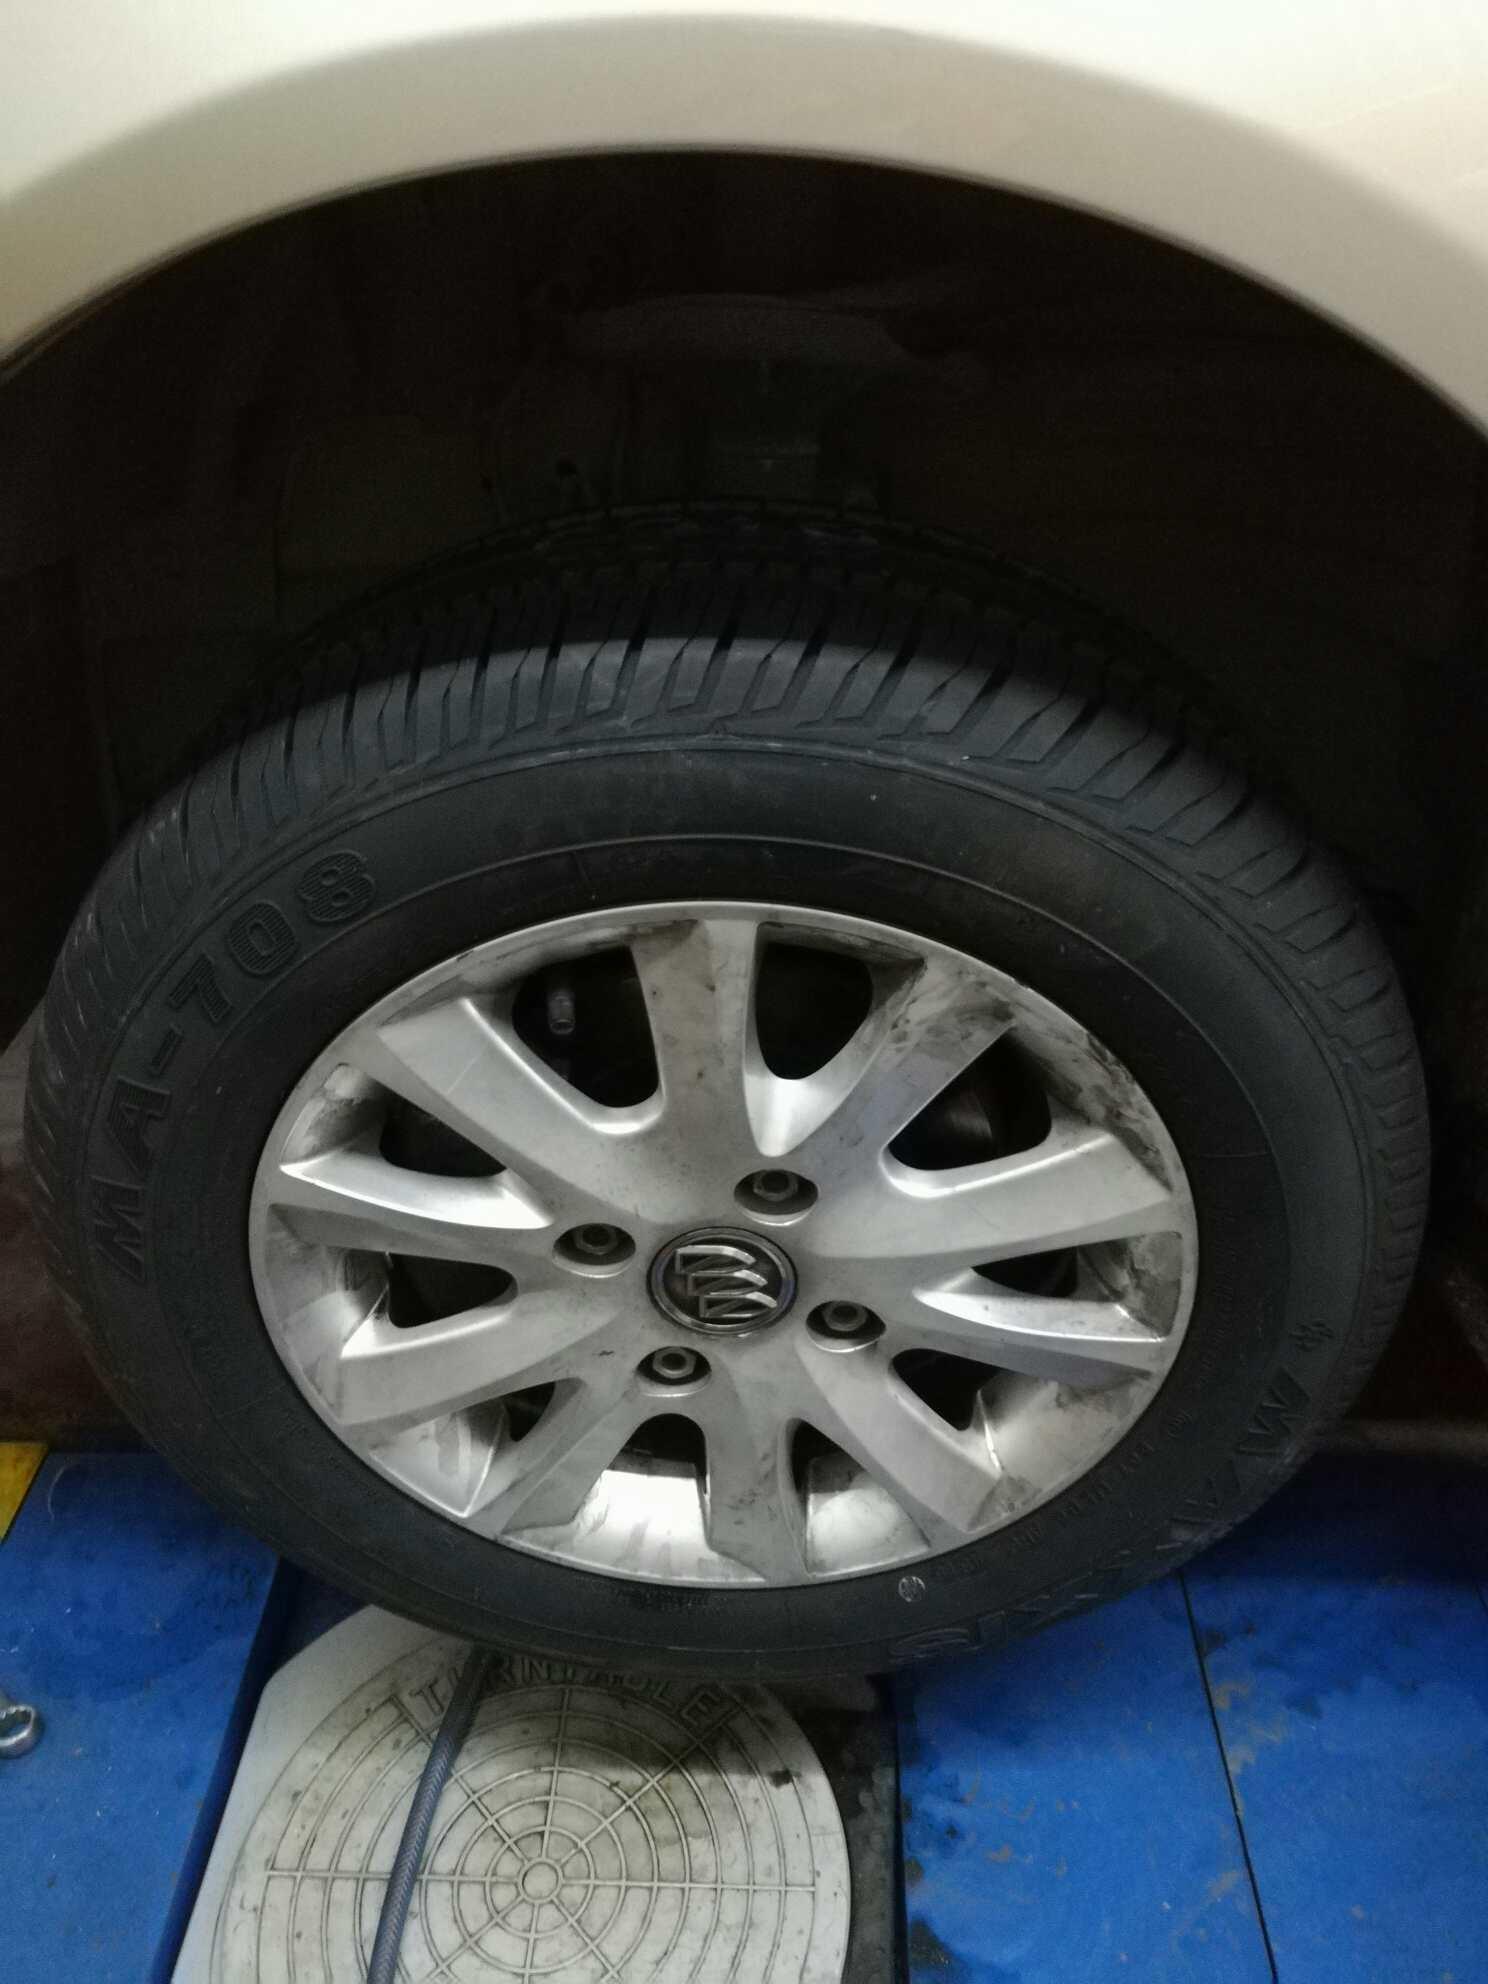 静音舒适新选择 玛吉斯MS1轮胎体验